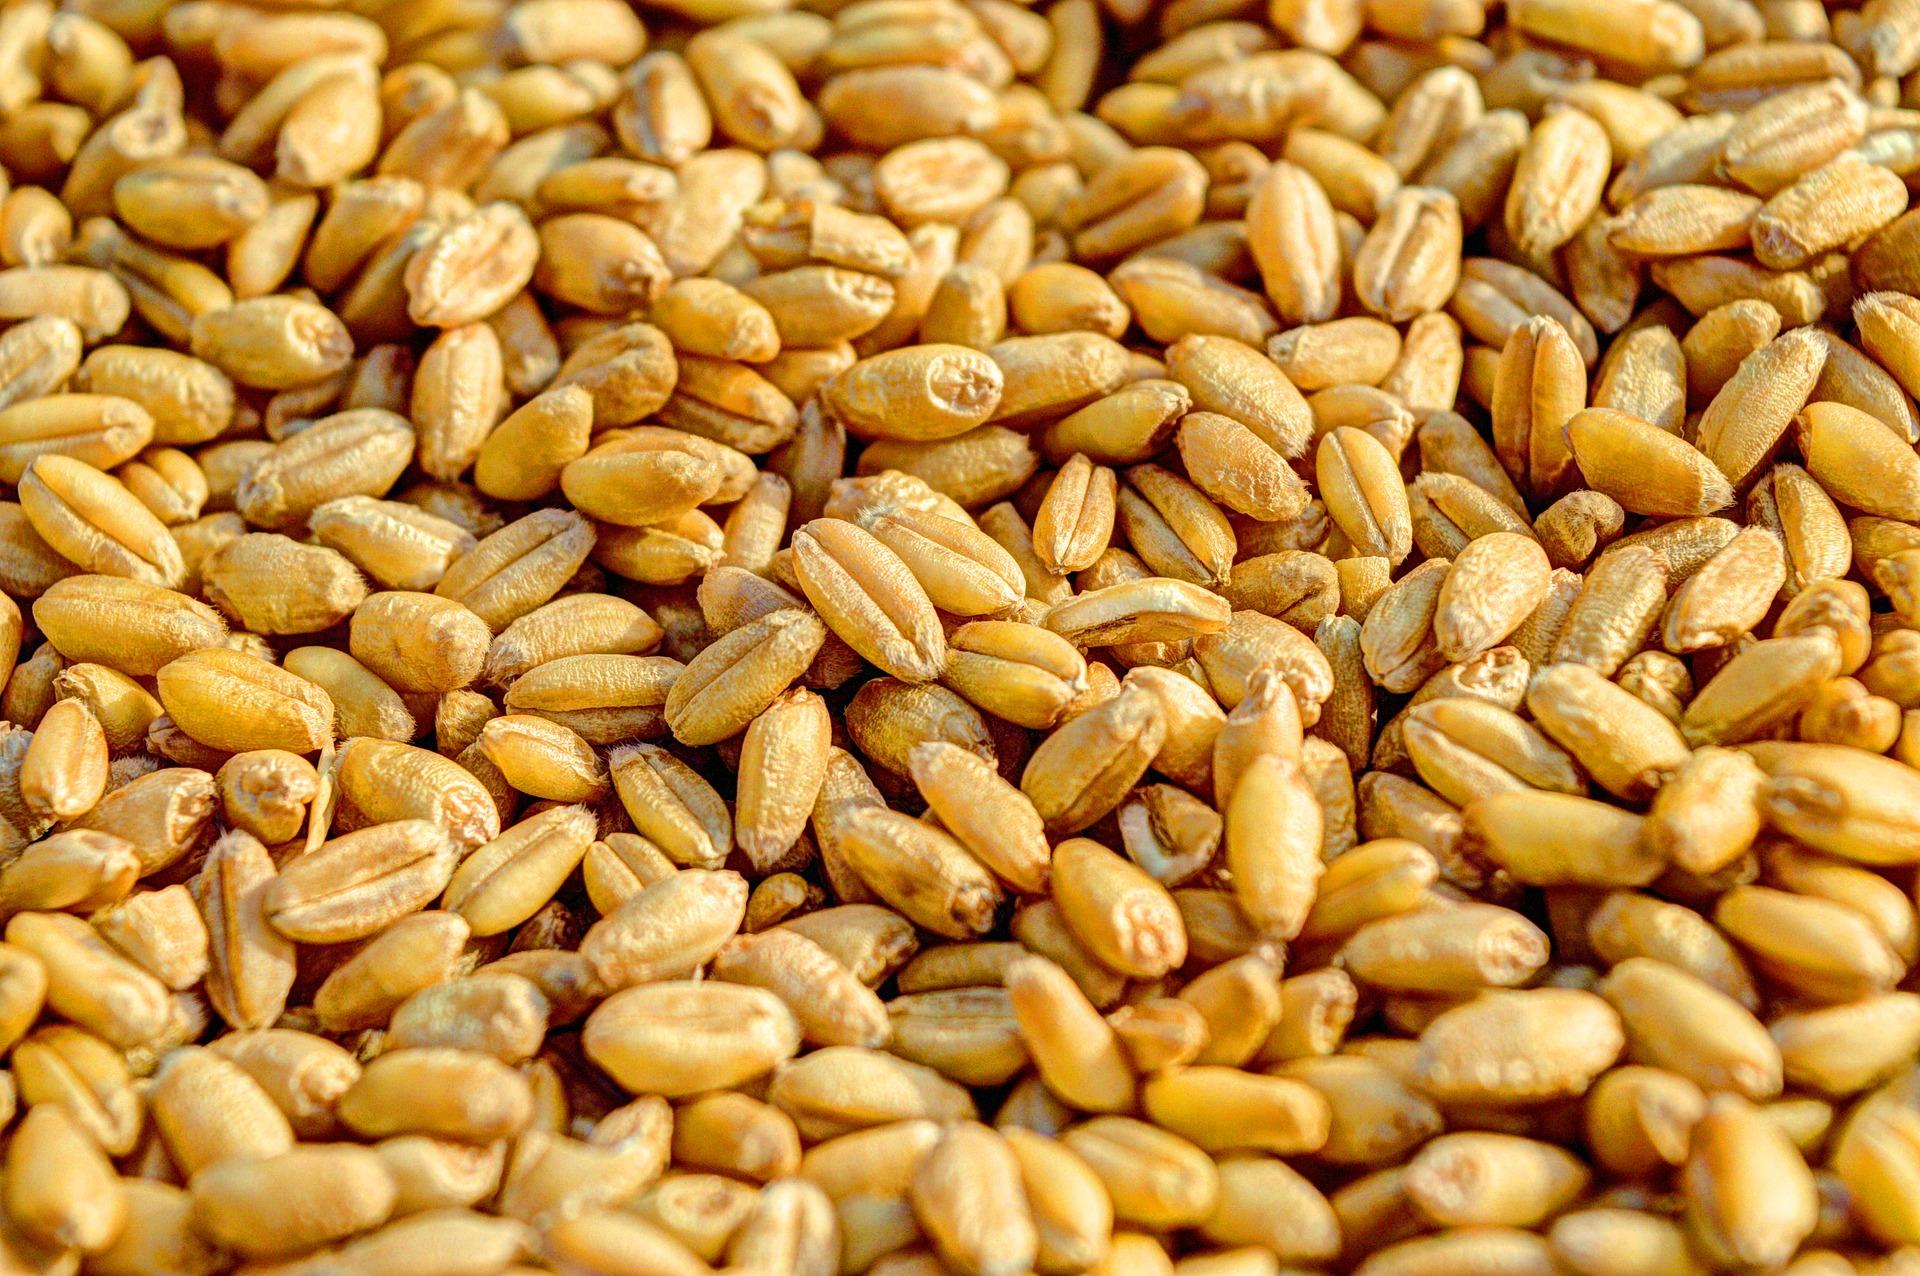 На Одещині у фермера зі складу викрали 20 тонн зерна